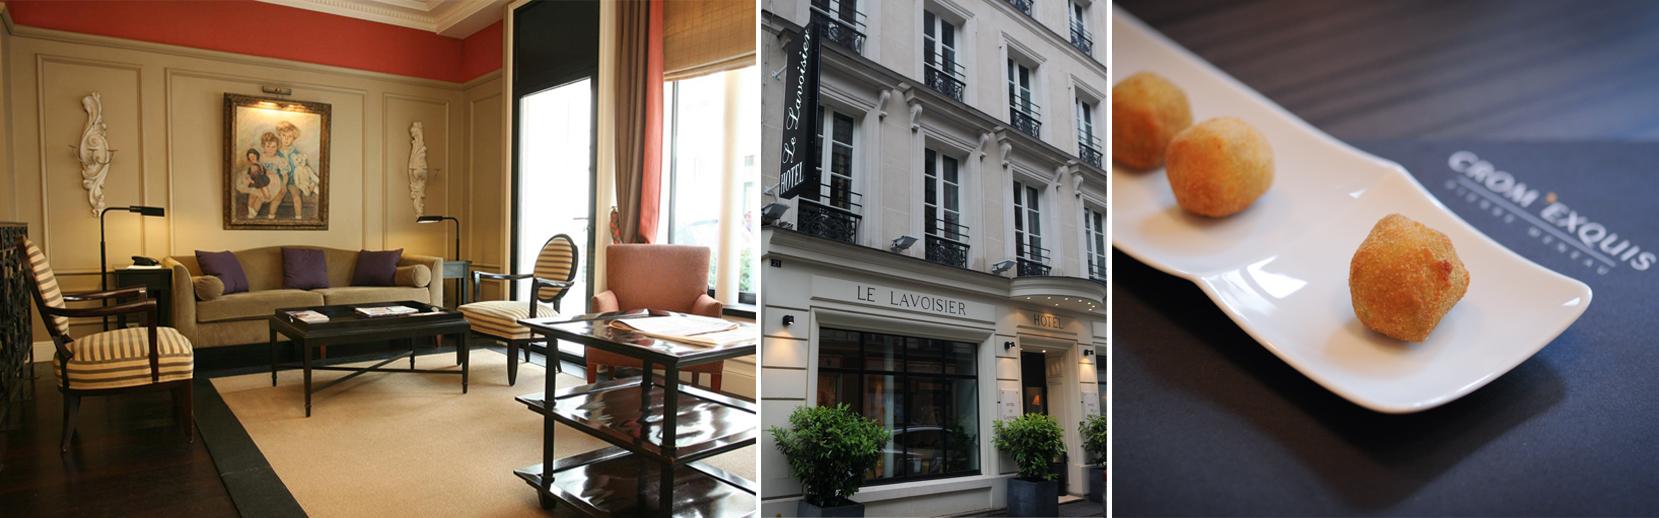 Hôtel Le Lavoisier Paris